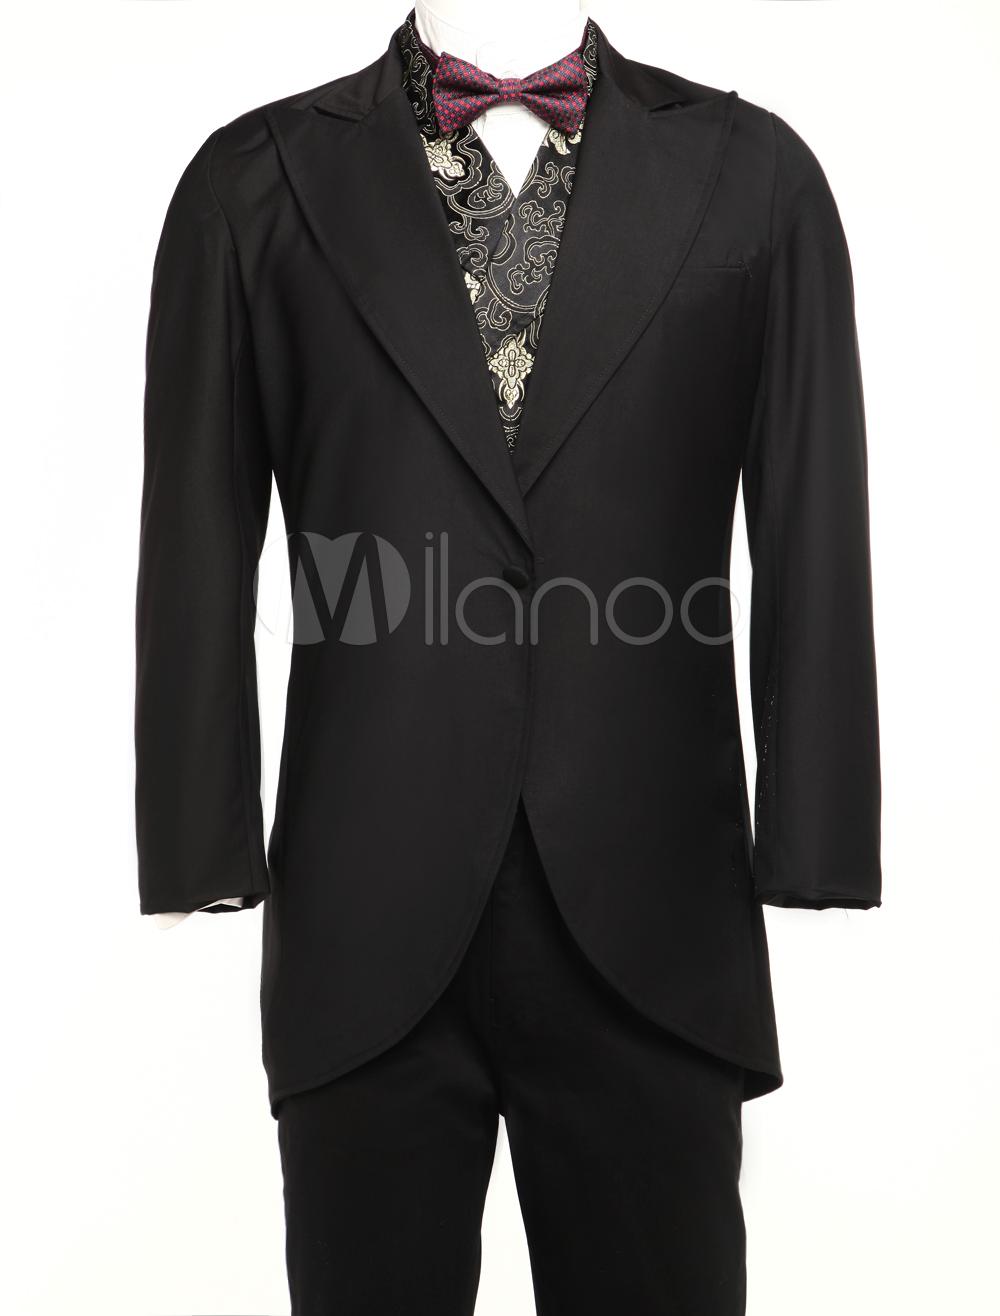 Buy Men's Vintage Costume Rococo Black Coat Retro Overcoat Halloween for $87.99 in Milanoo store